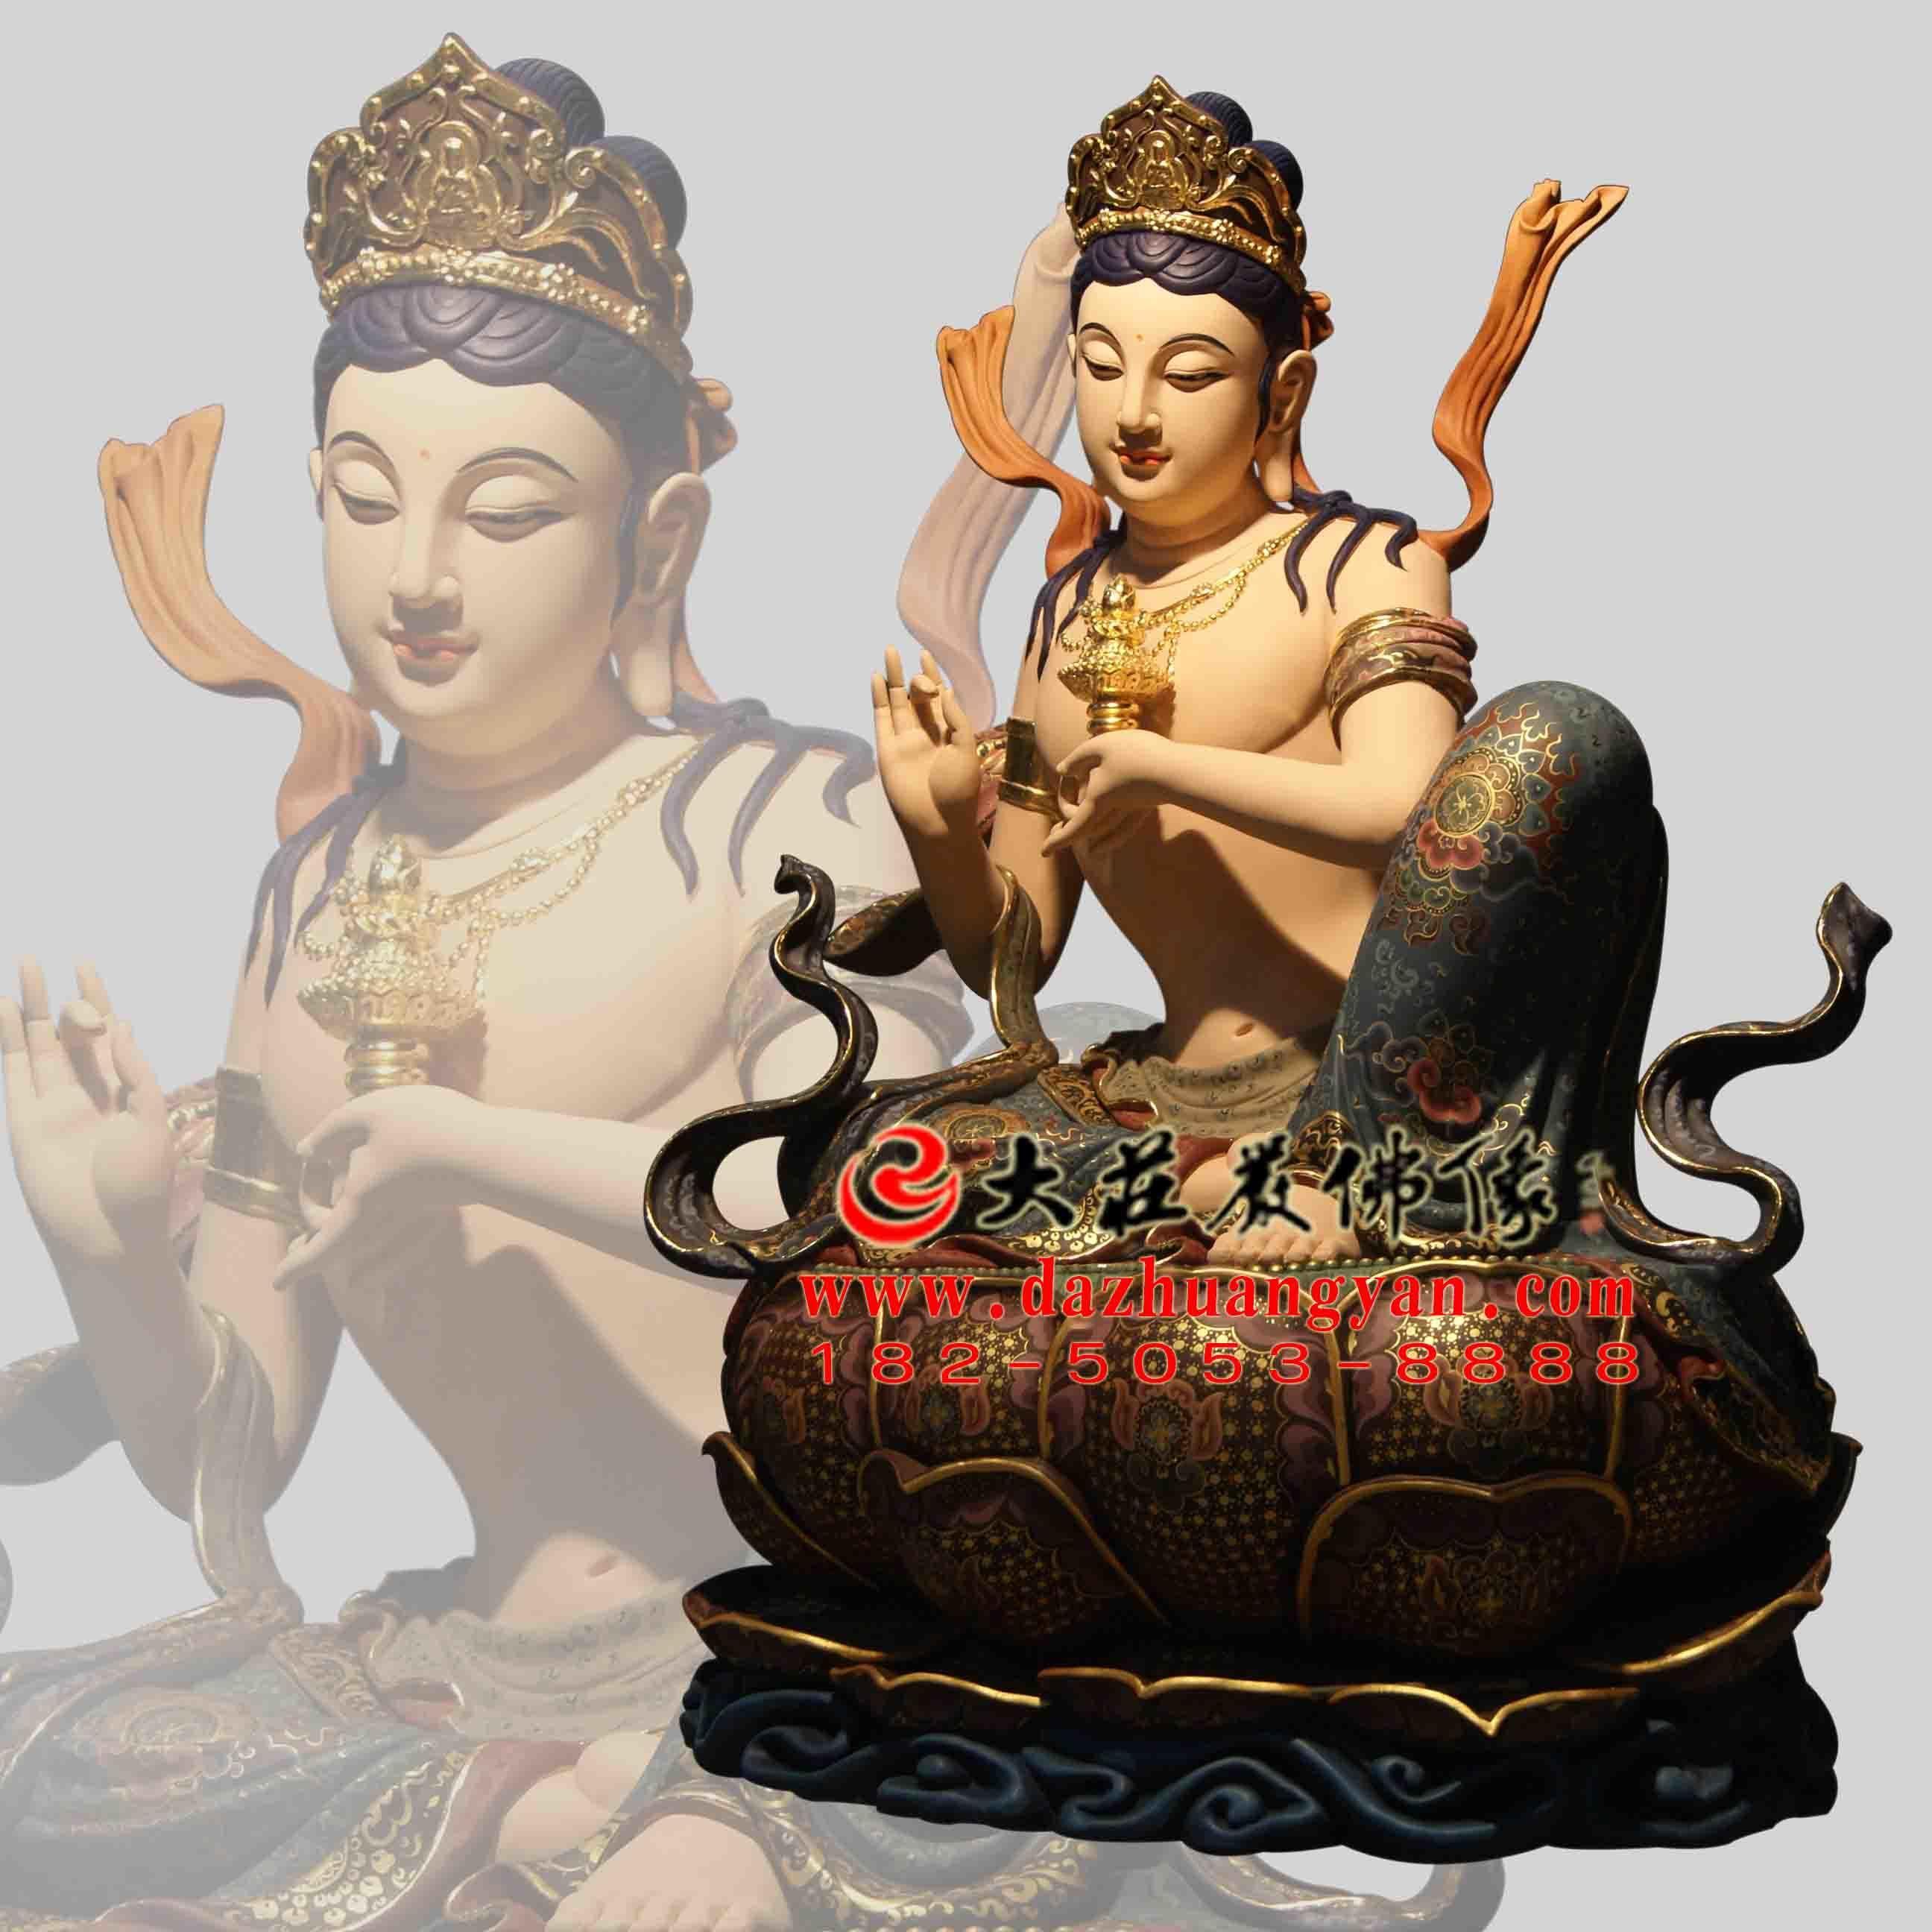 生漆脱胎供养菩萨彩绘佛像左侧像